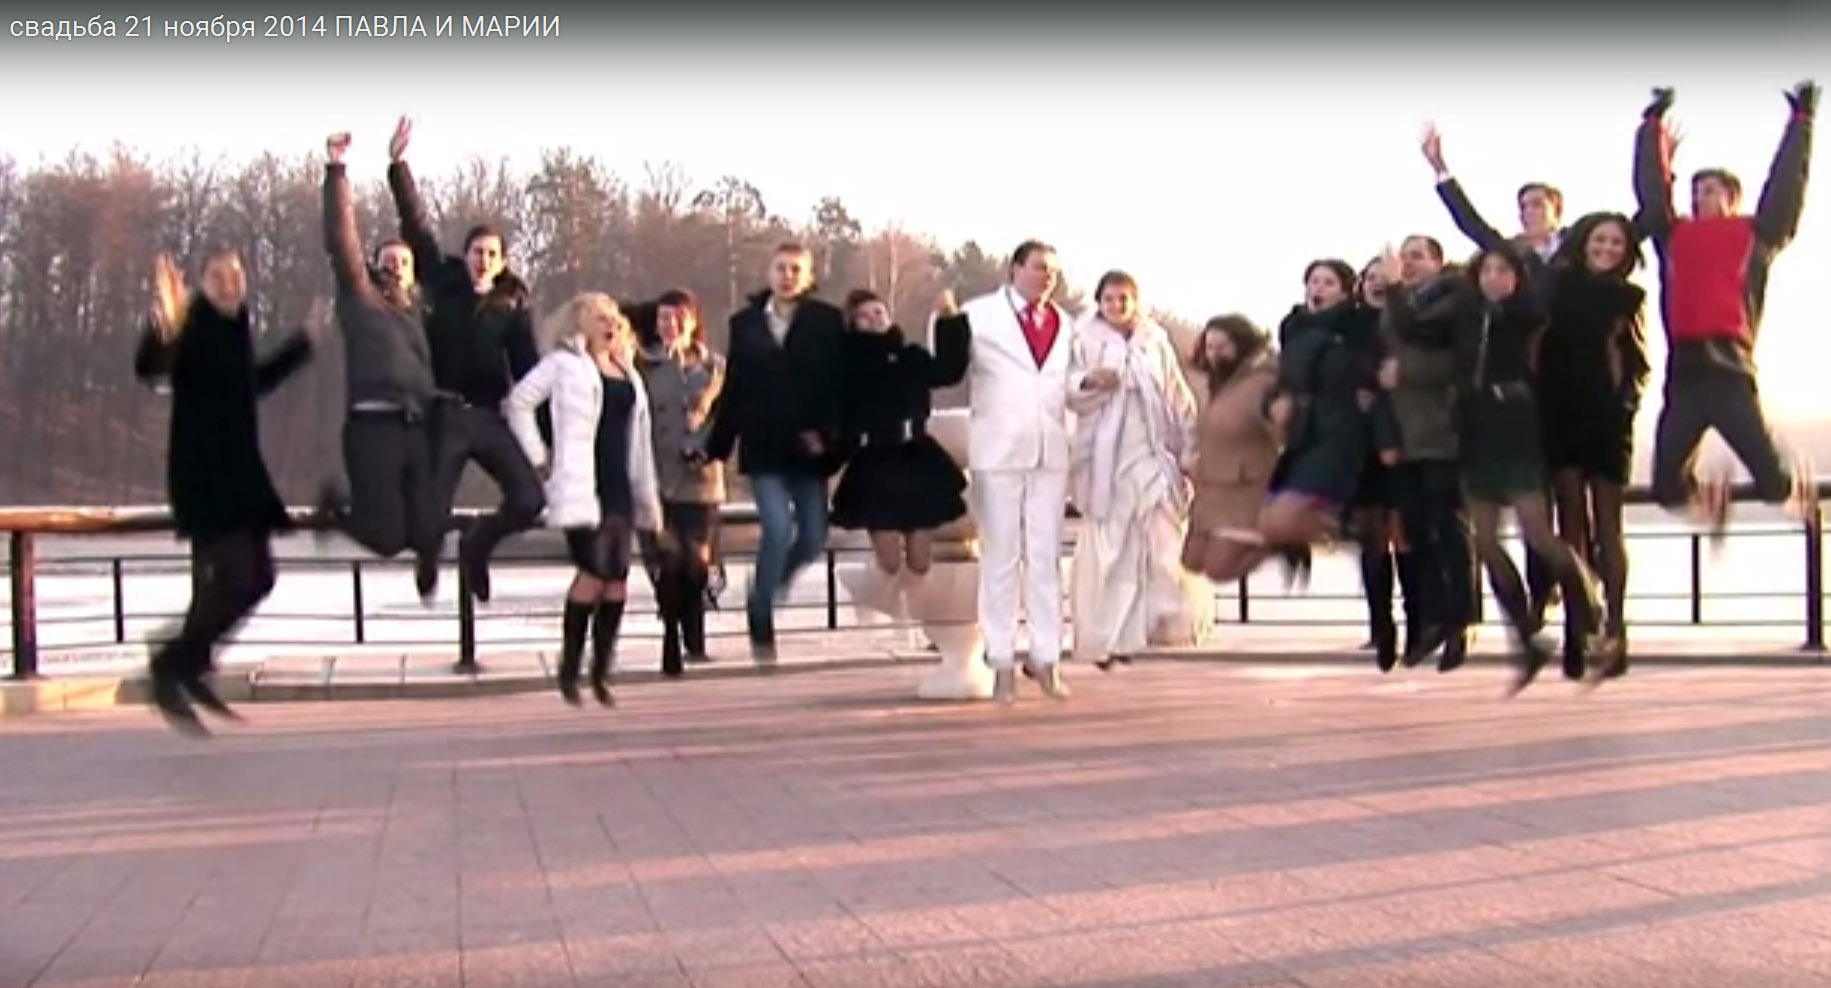 свадьба 21 ноября